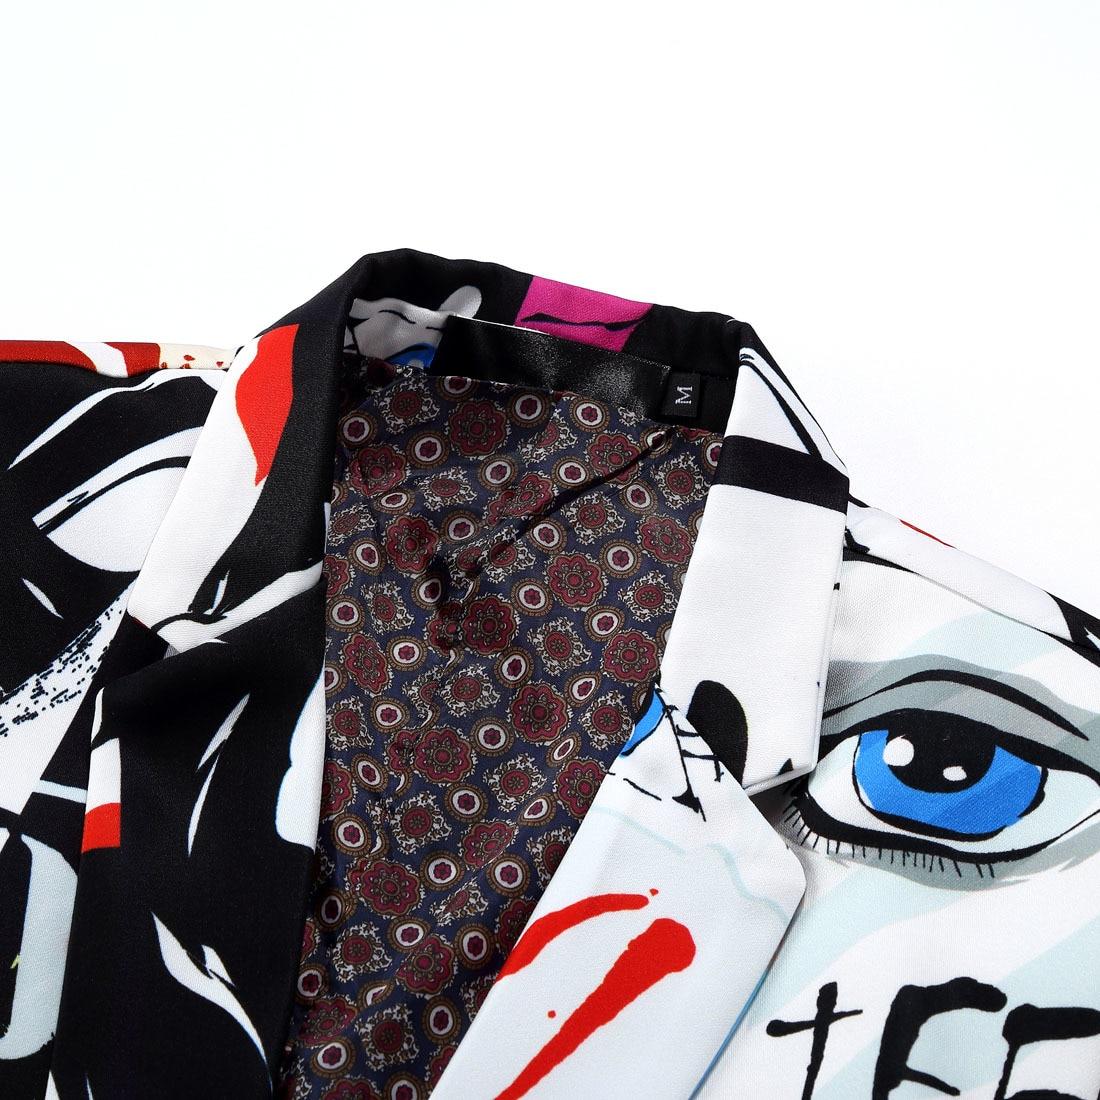 PYJTRL marque 2018 nouvelle marée hommes mode imprimé Blazer conception grande taille hanche décontracté mâle Slim Fit Costume veste chanteur Costume - 3